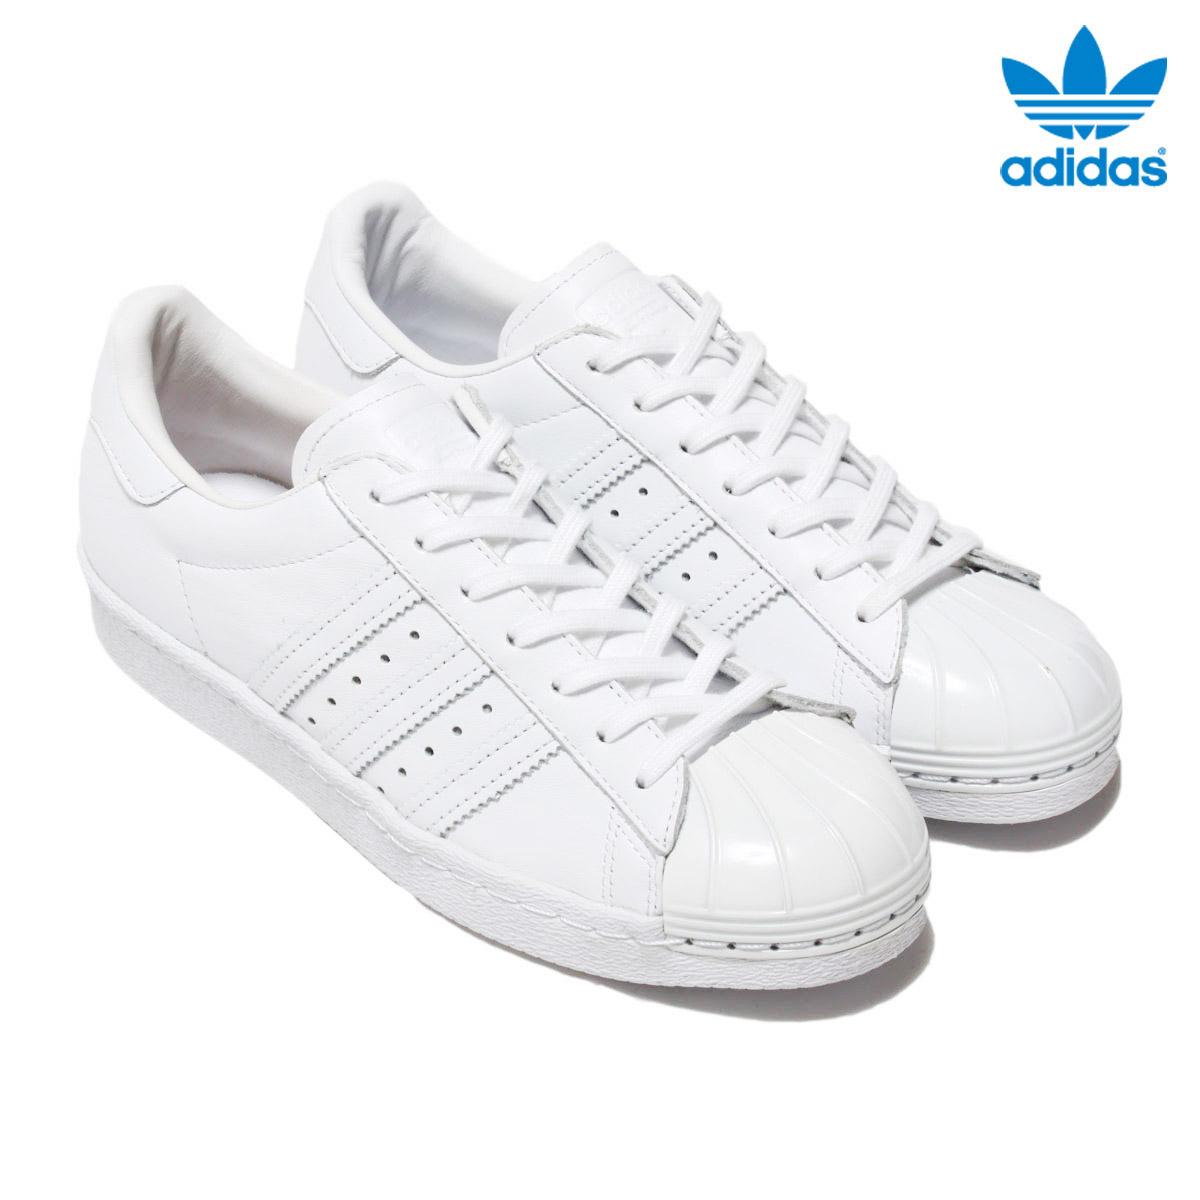 best service 6519d 75c94 adidas Originals SUPERSTAR 80s METAL TOE W (Adidas originals superstar 80s  metal two) Running White/Running White/Core Black 16FW-I